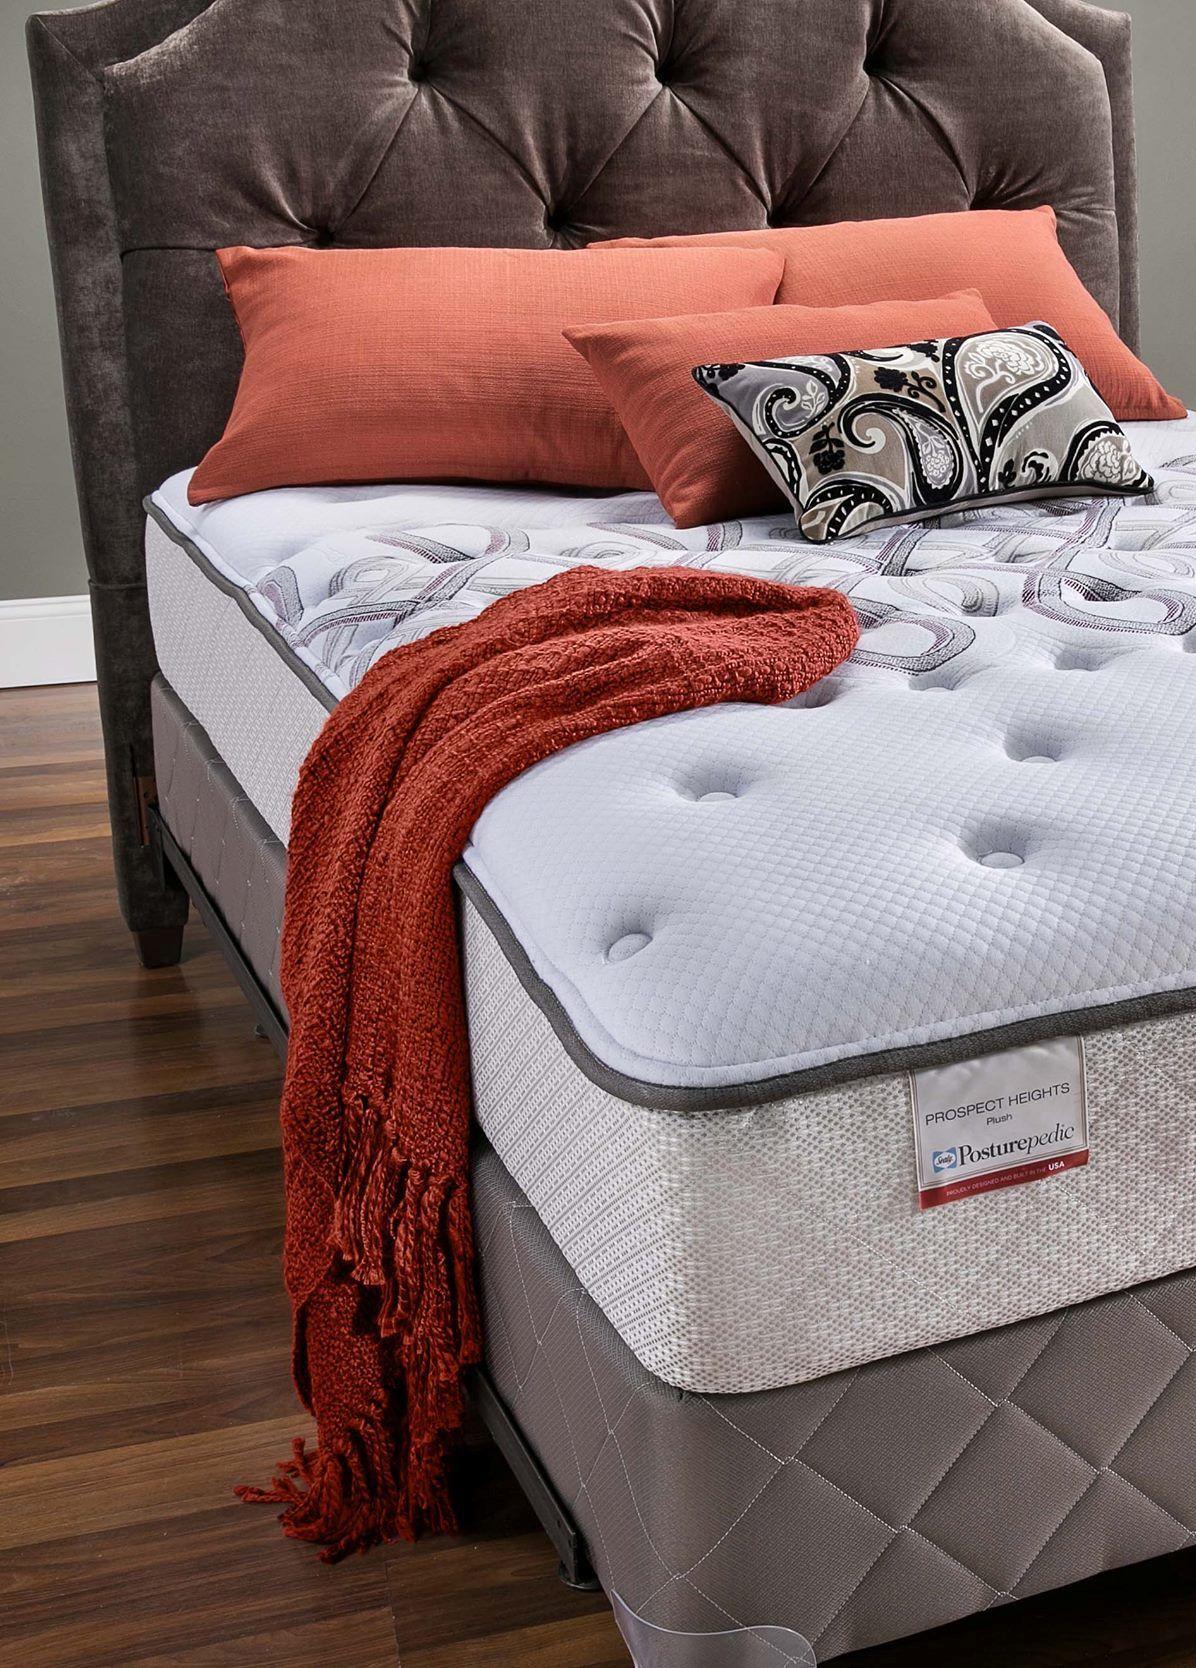 It's time for a new mattress. Mattress sets, Mattress, Bed